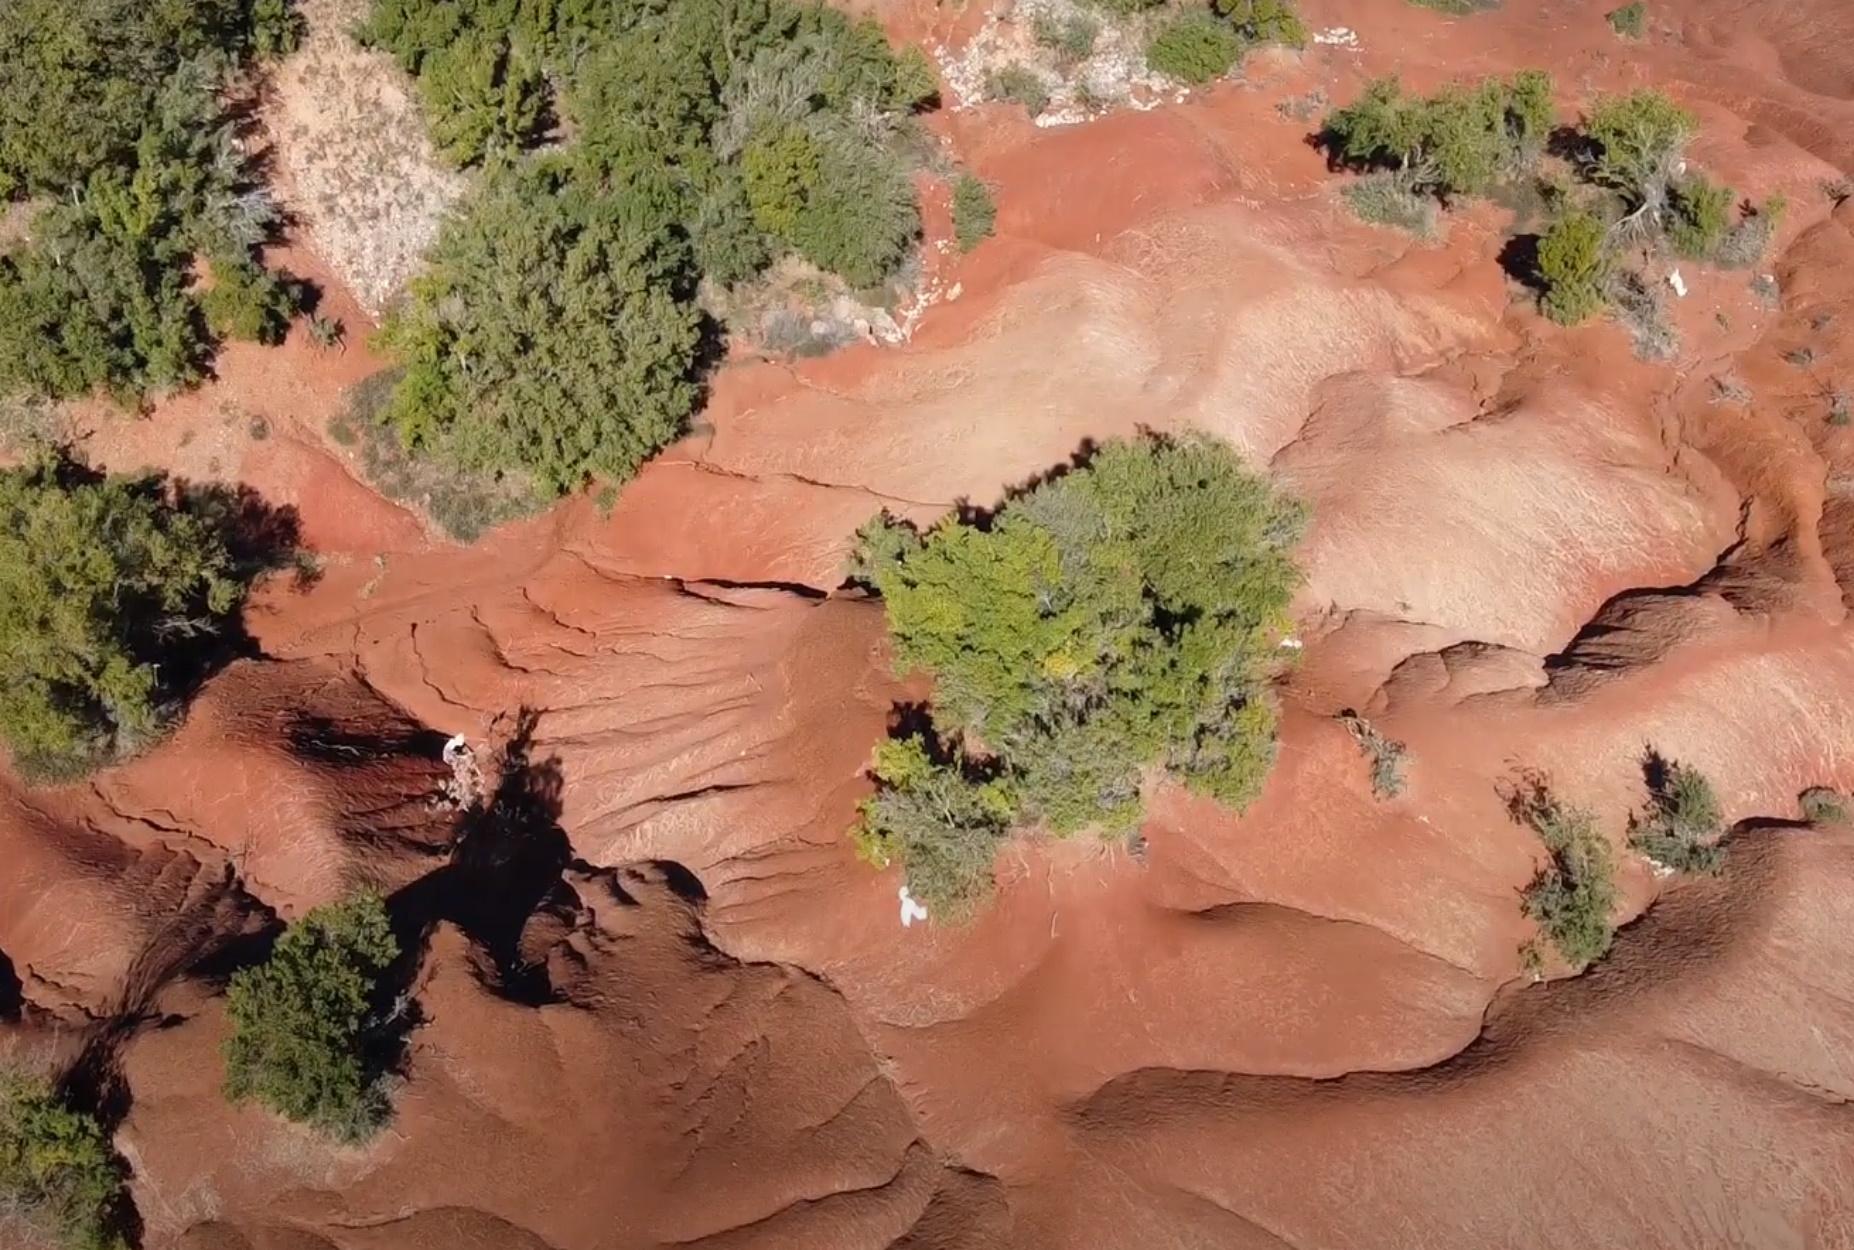 Το απόκοσμο κόκκινο τοπίο… του Άρη που βρίσκεται στην Ελλάδα